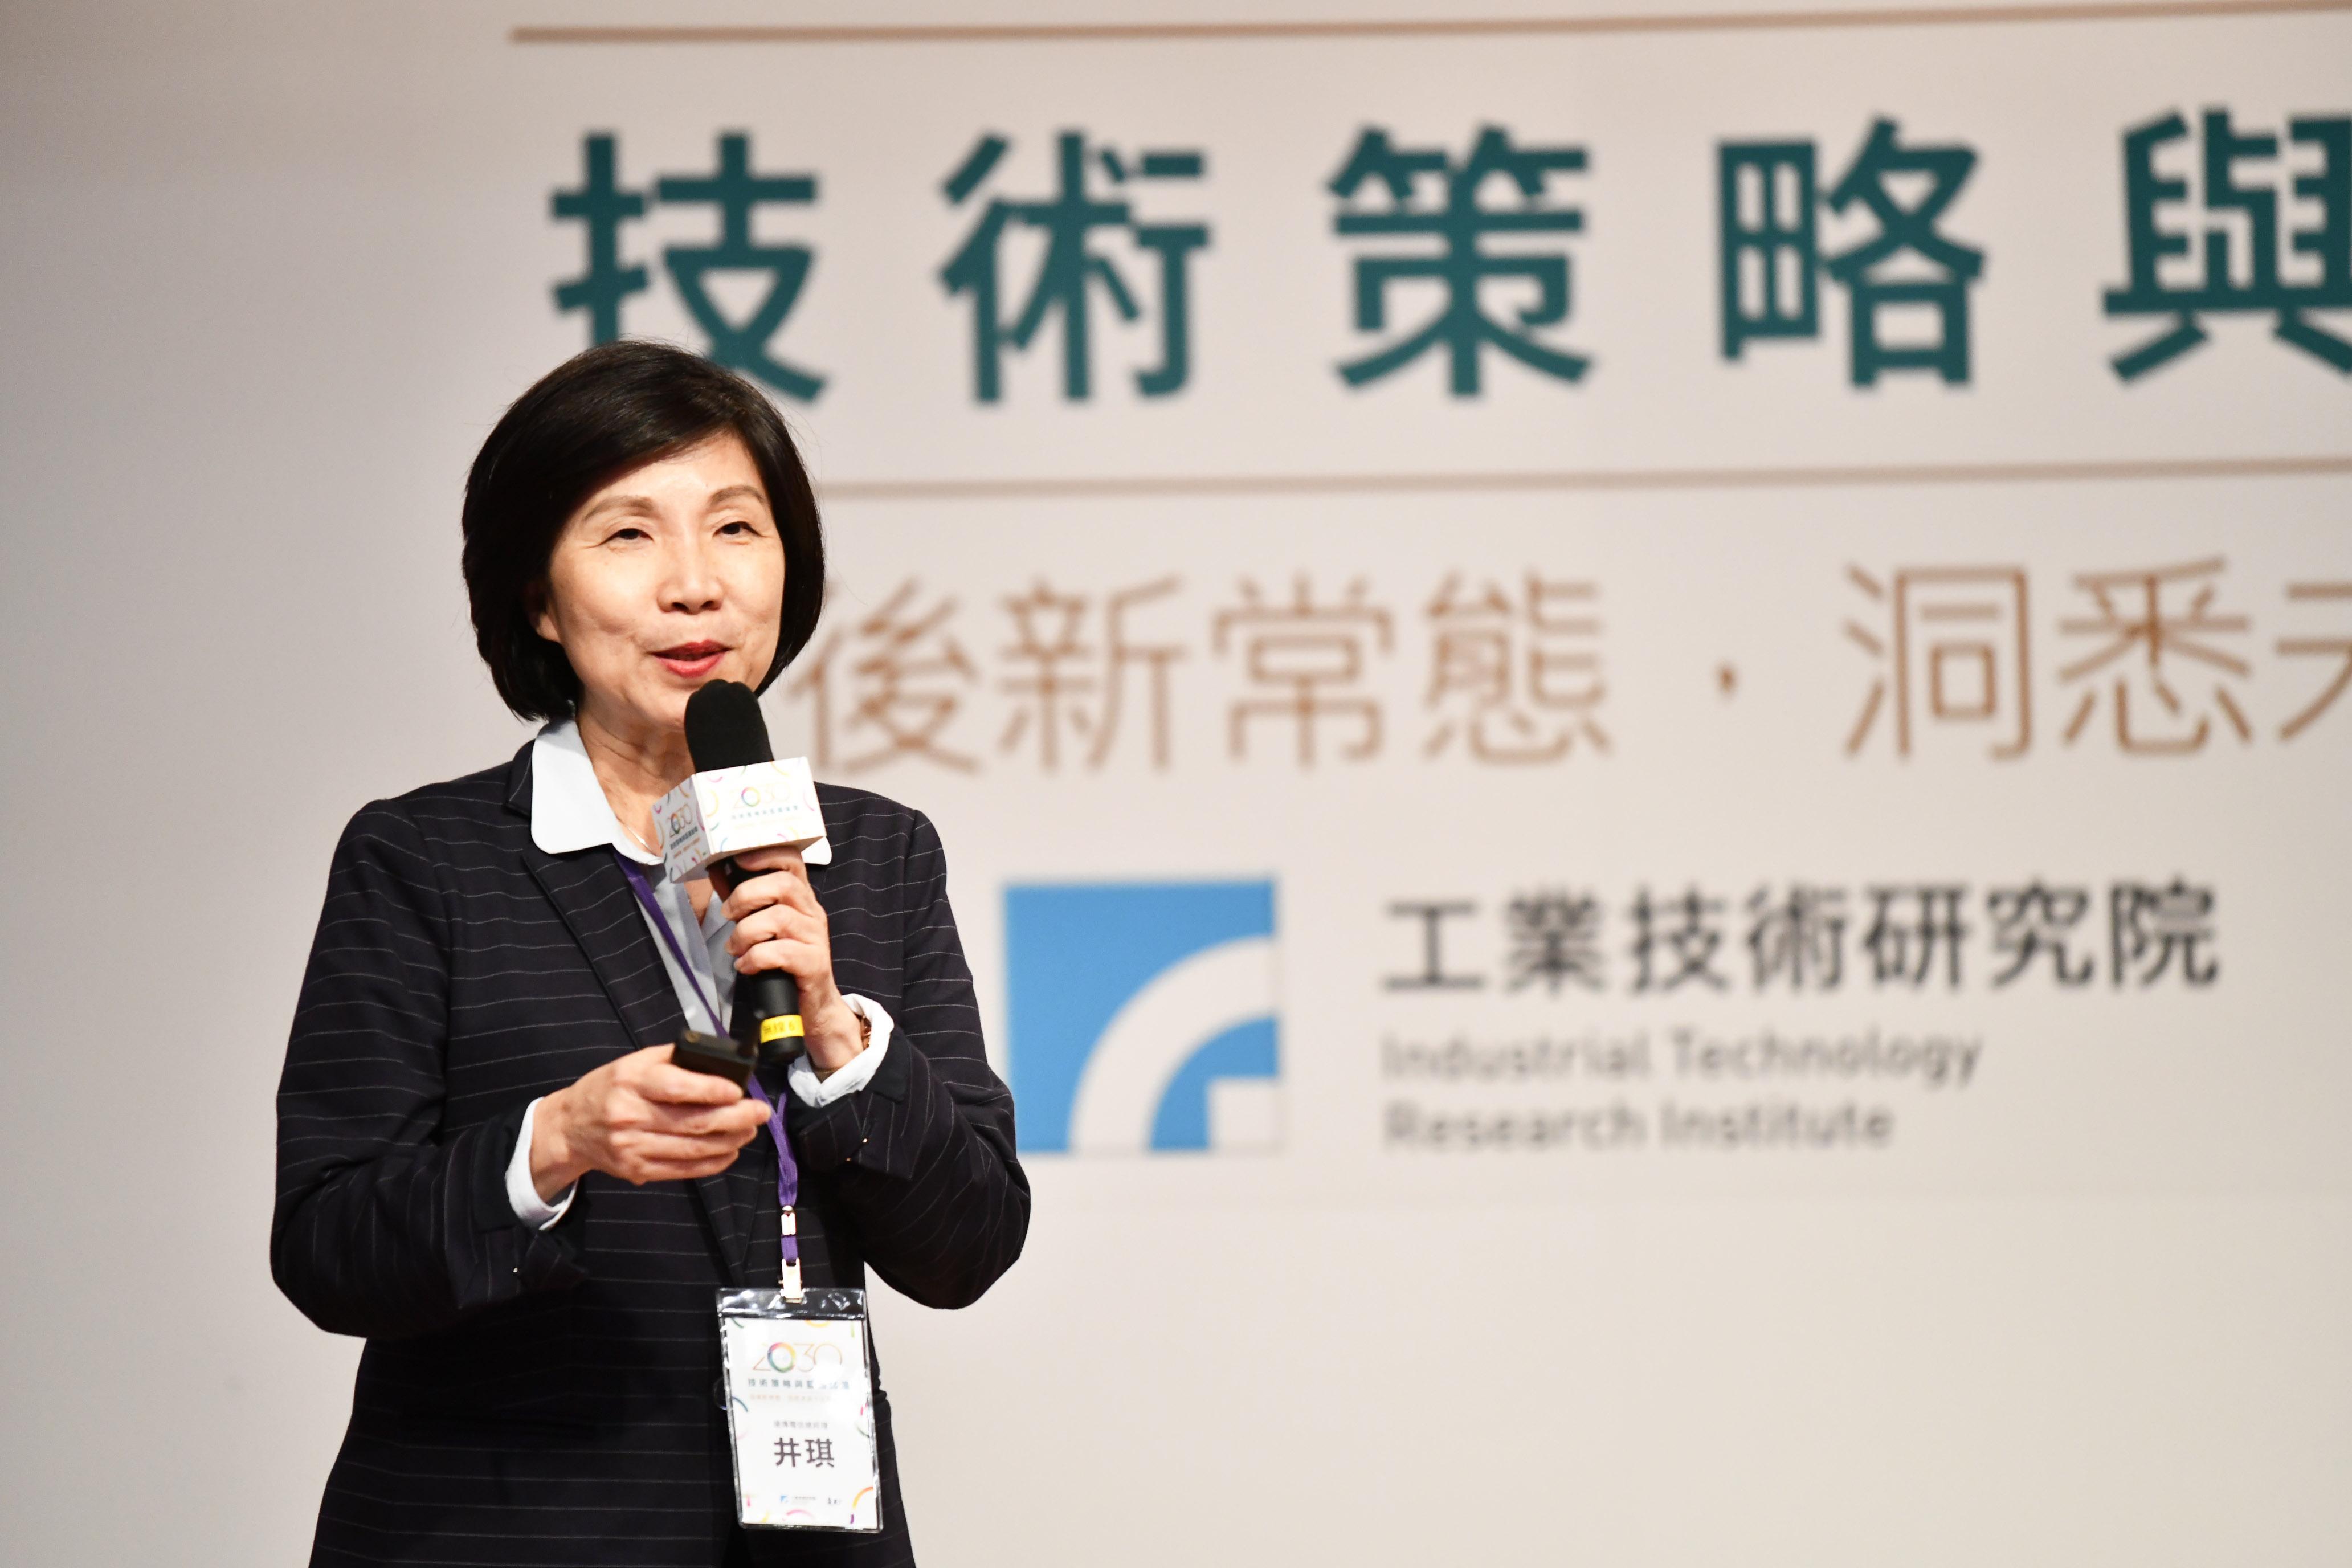 井琪呼籲,在科技不斷推陳出新下,不論是消費者端和企業端,都必須擁抱新技術和新應用,借力科技所創造的新價值,以打造跨領域及跨產業的繁榮前景。